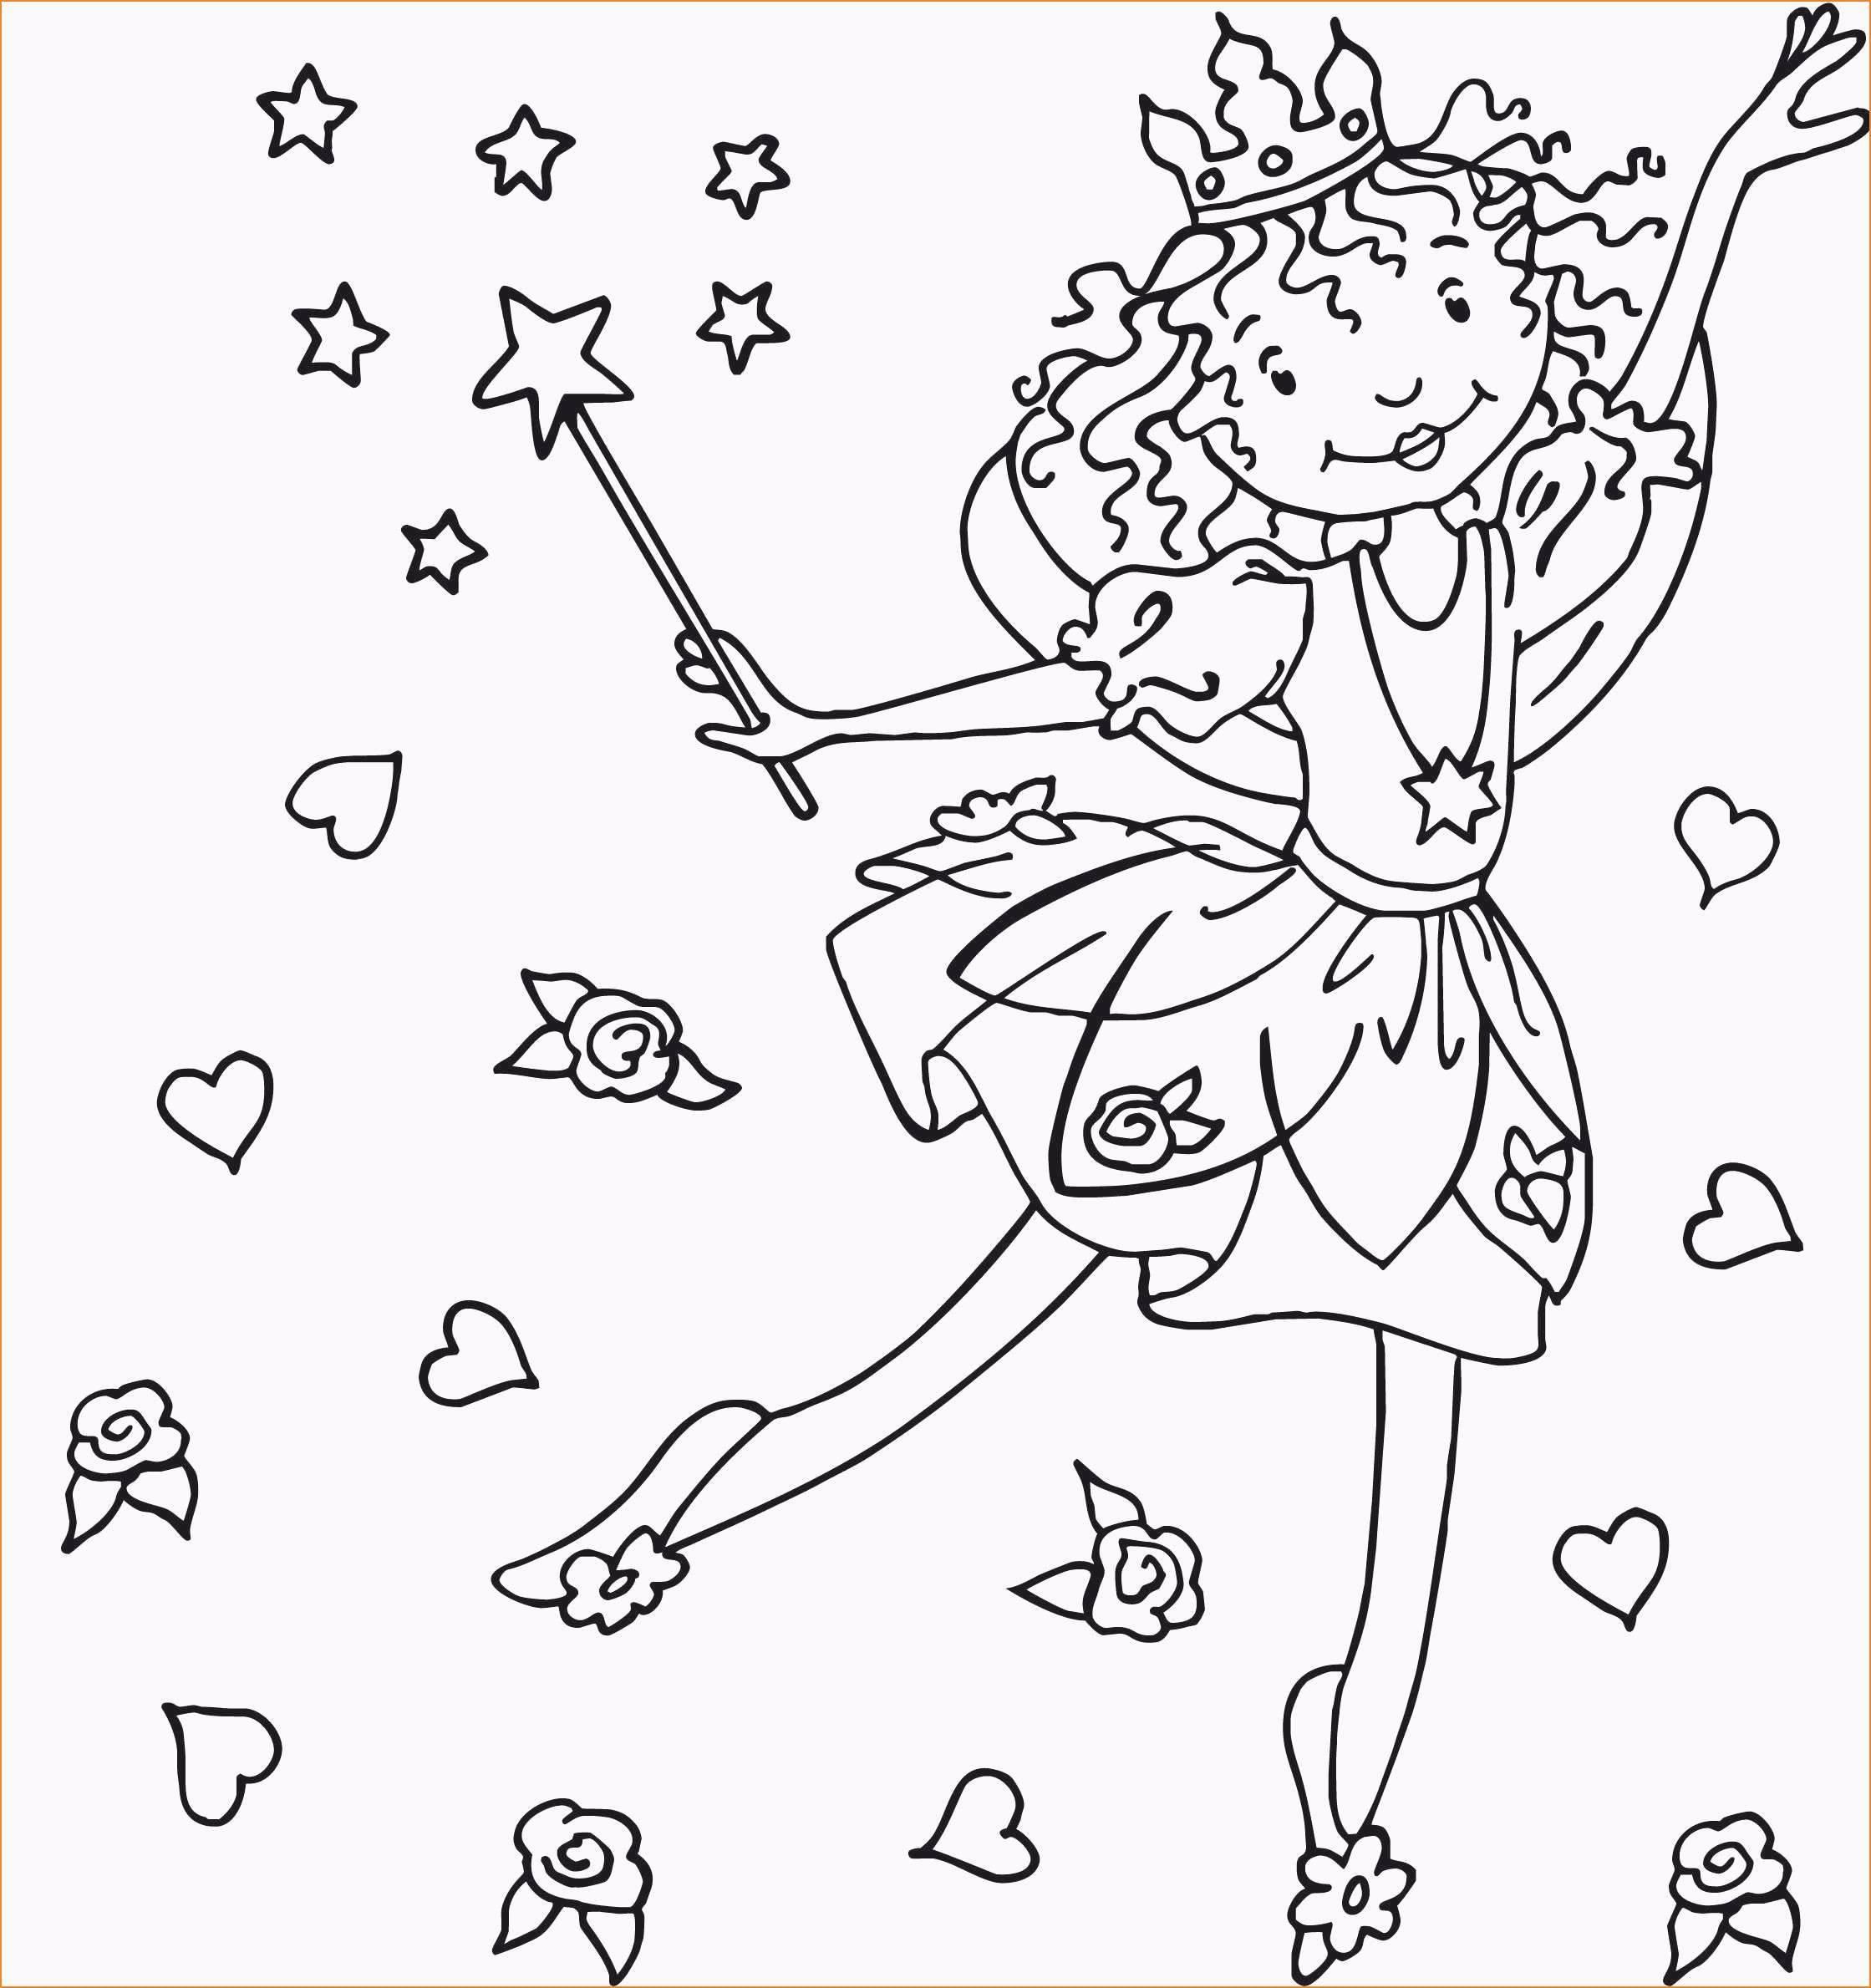 Ausmalbilder Prinzessin sofia Einzigartig Prinz Zum Ausmalen Kreativität 38 Disney Prinzessin 3ldq Fotografieren